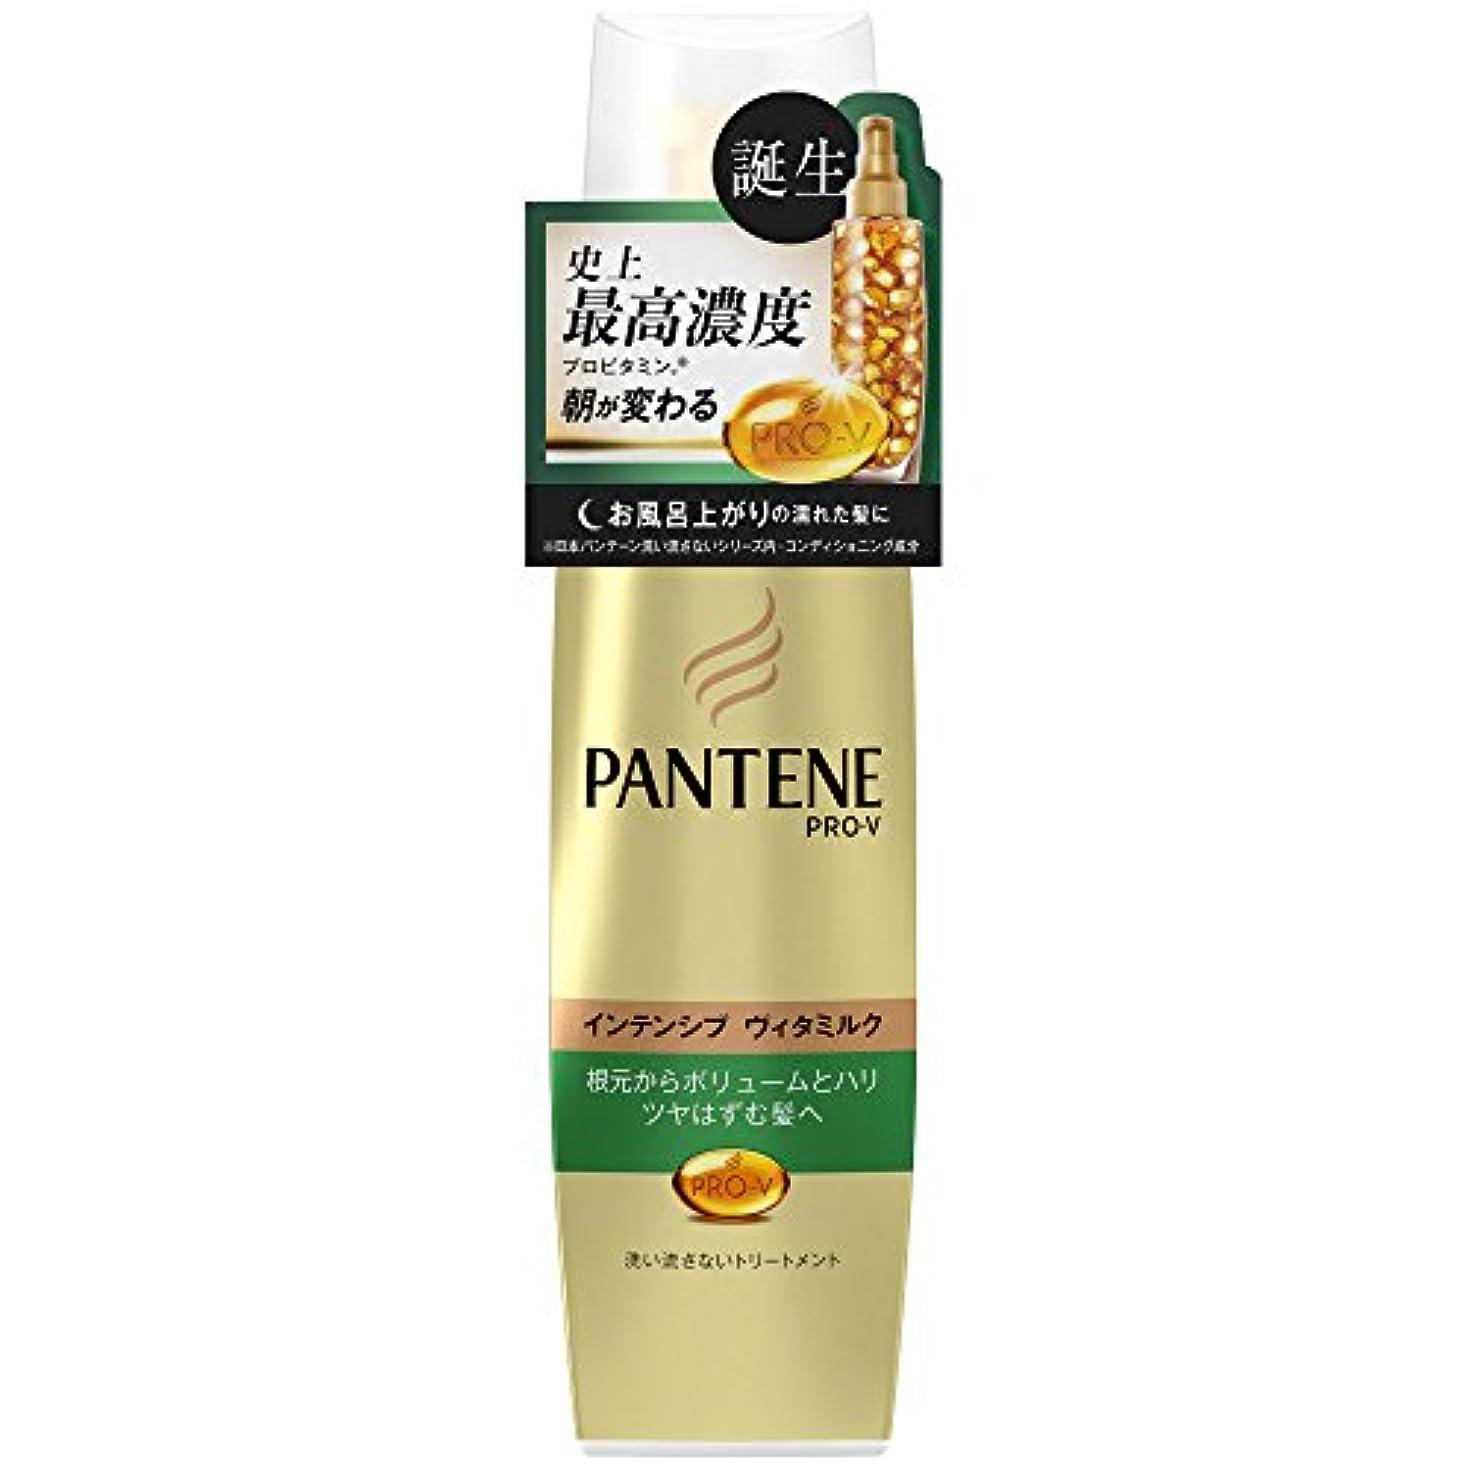 小康回転させるストレージパンテーン 洗い流さないトリートメント インテンシブヴィタミルク ボリュームのない髪用 100ml